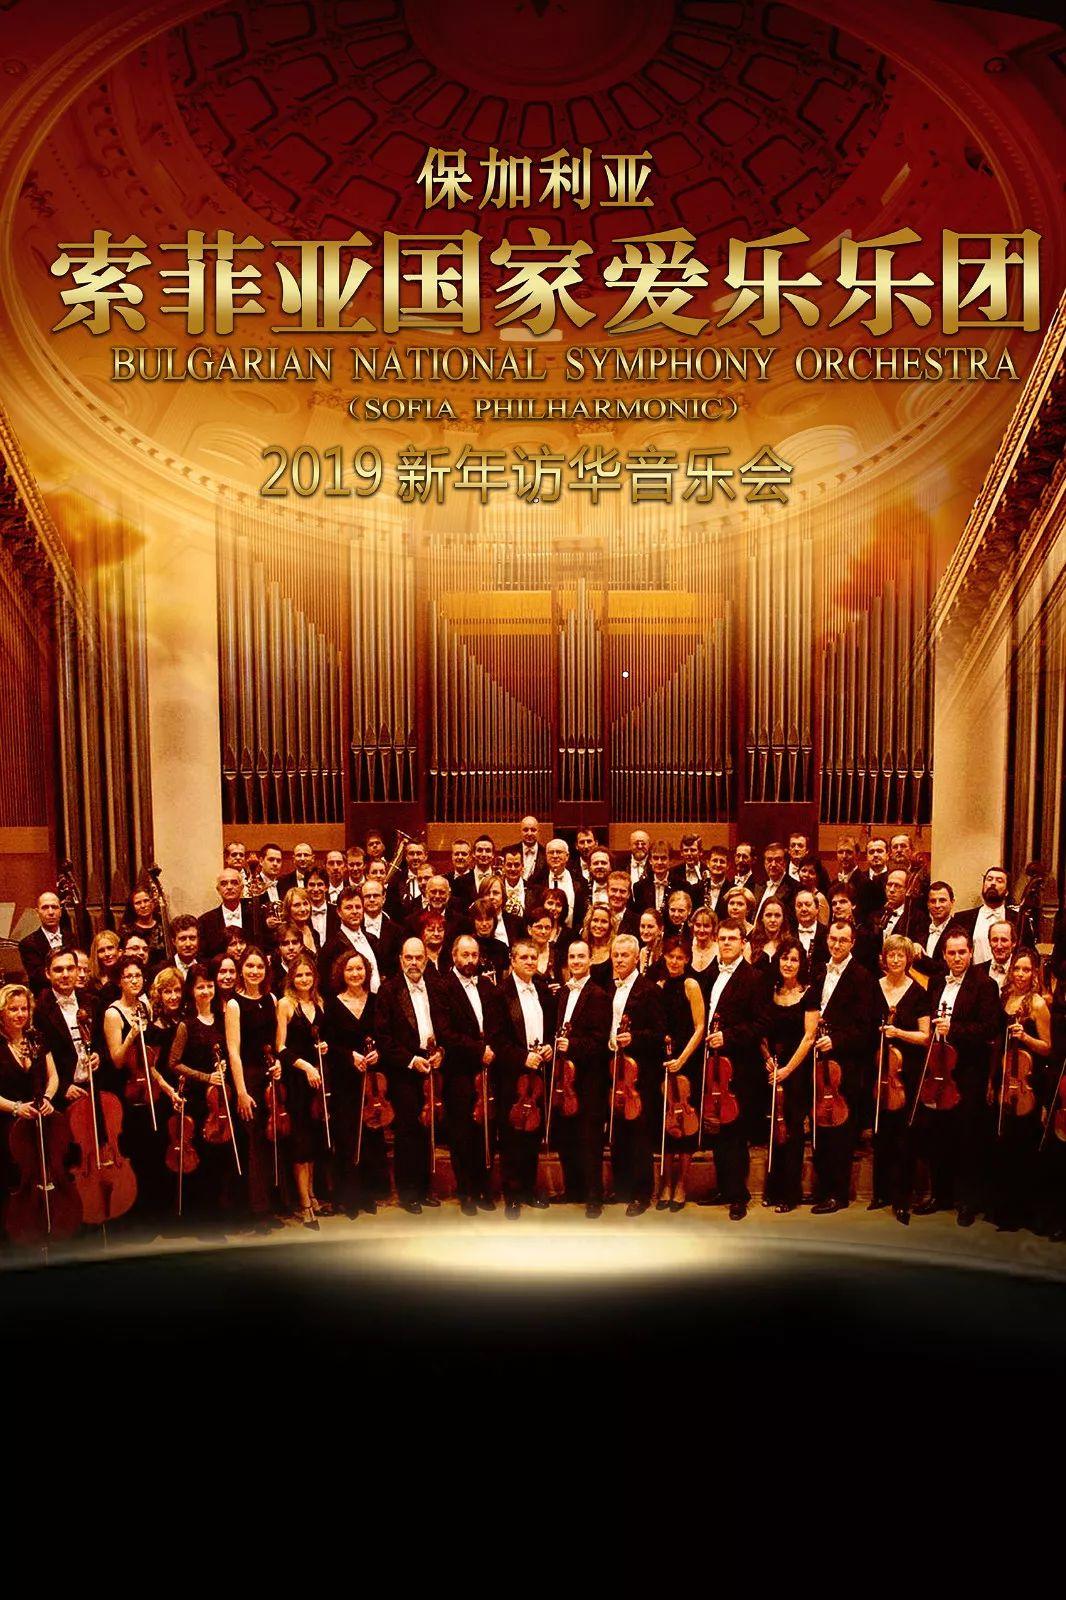 东欧血脉,保加利亚索菲亚国家爱乐乐团跨年来袭